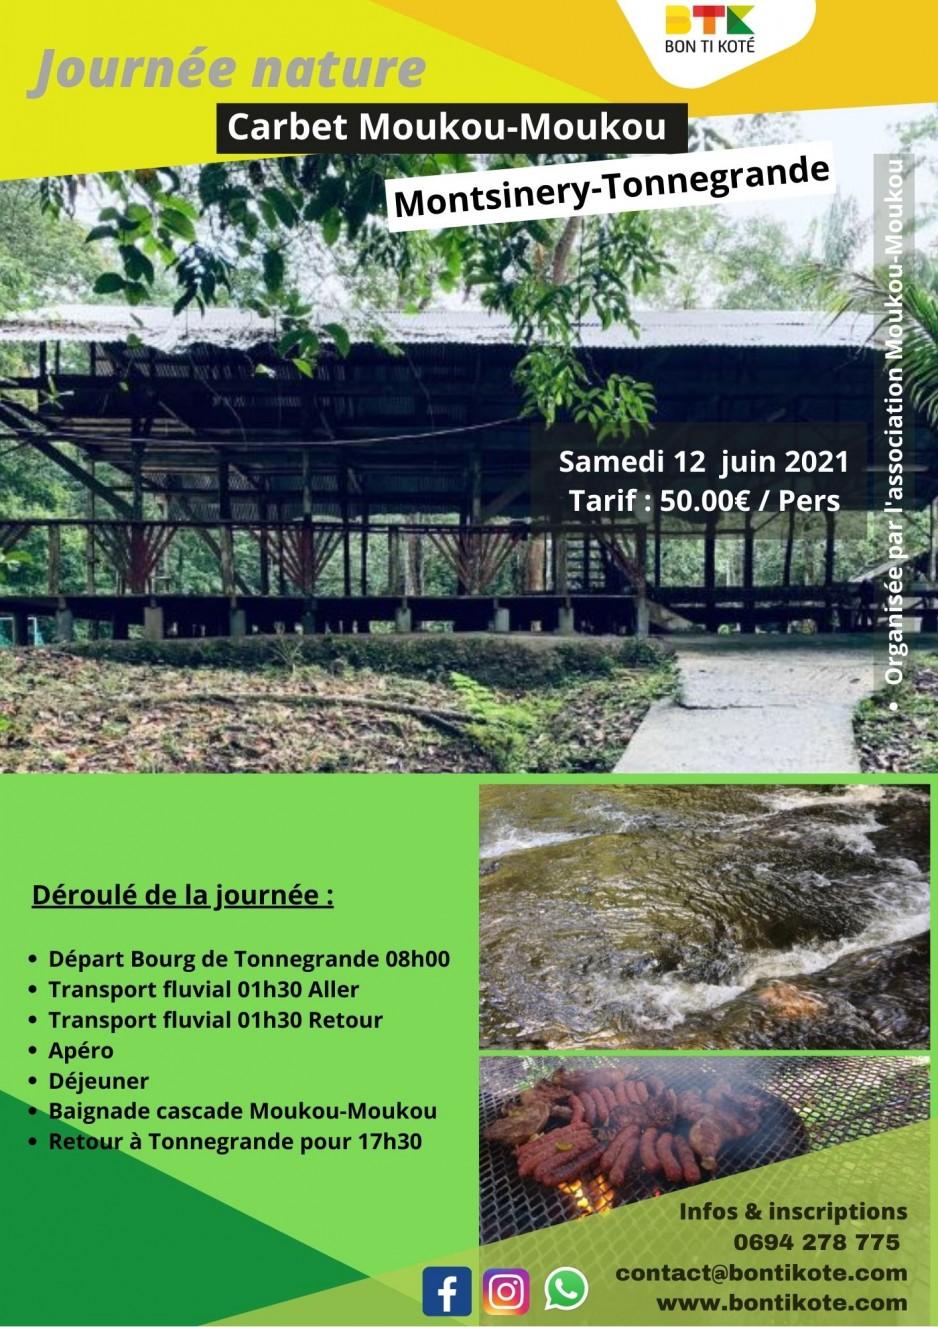 Journée détente en carbet à Montsinéry-Tonnegrande en Guyane